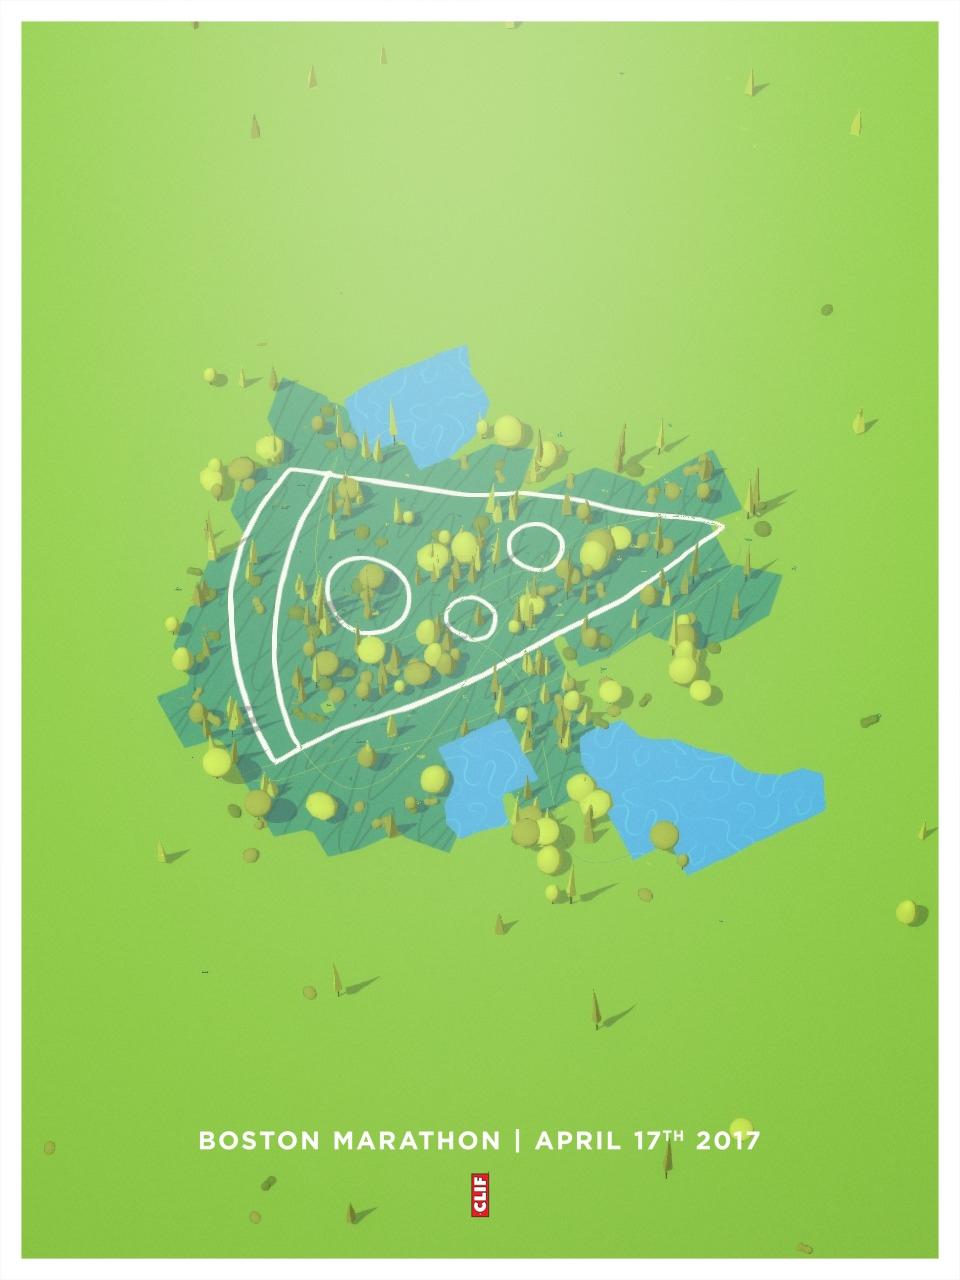 1493823933631-5189-poster.jpg